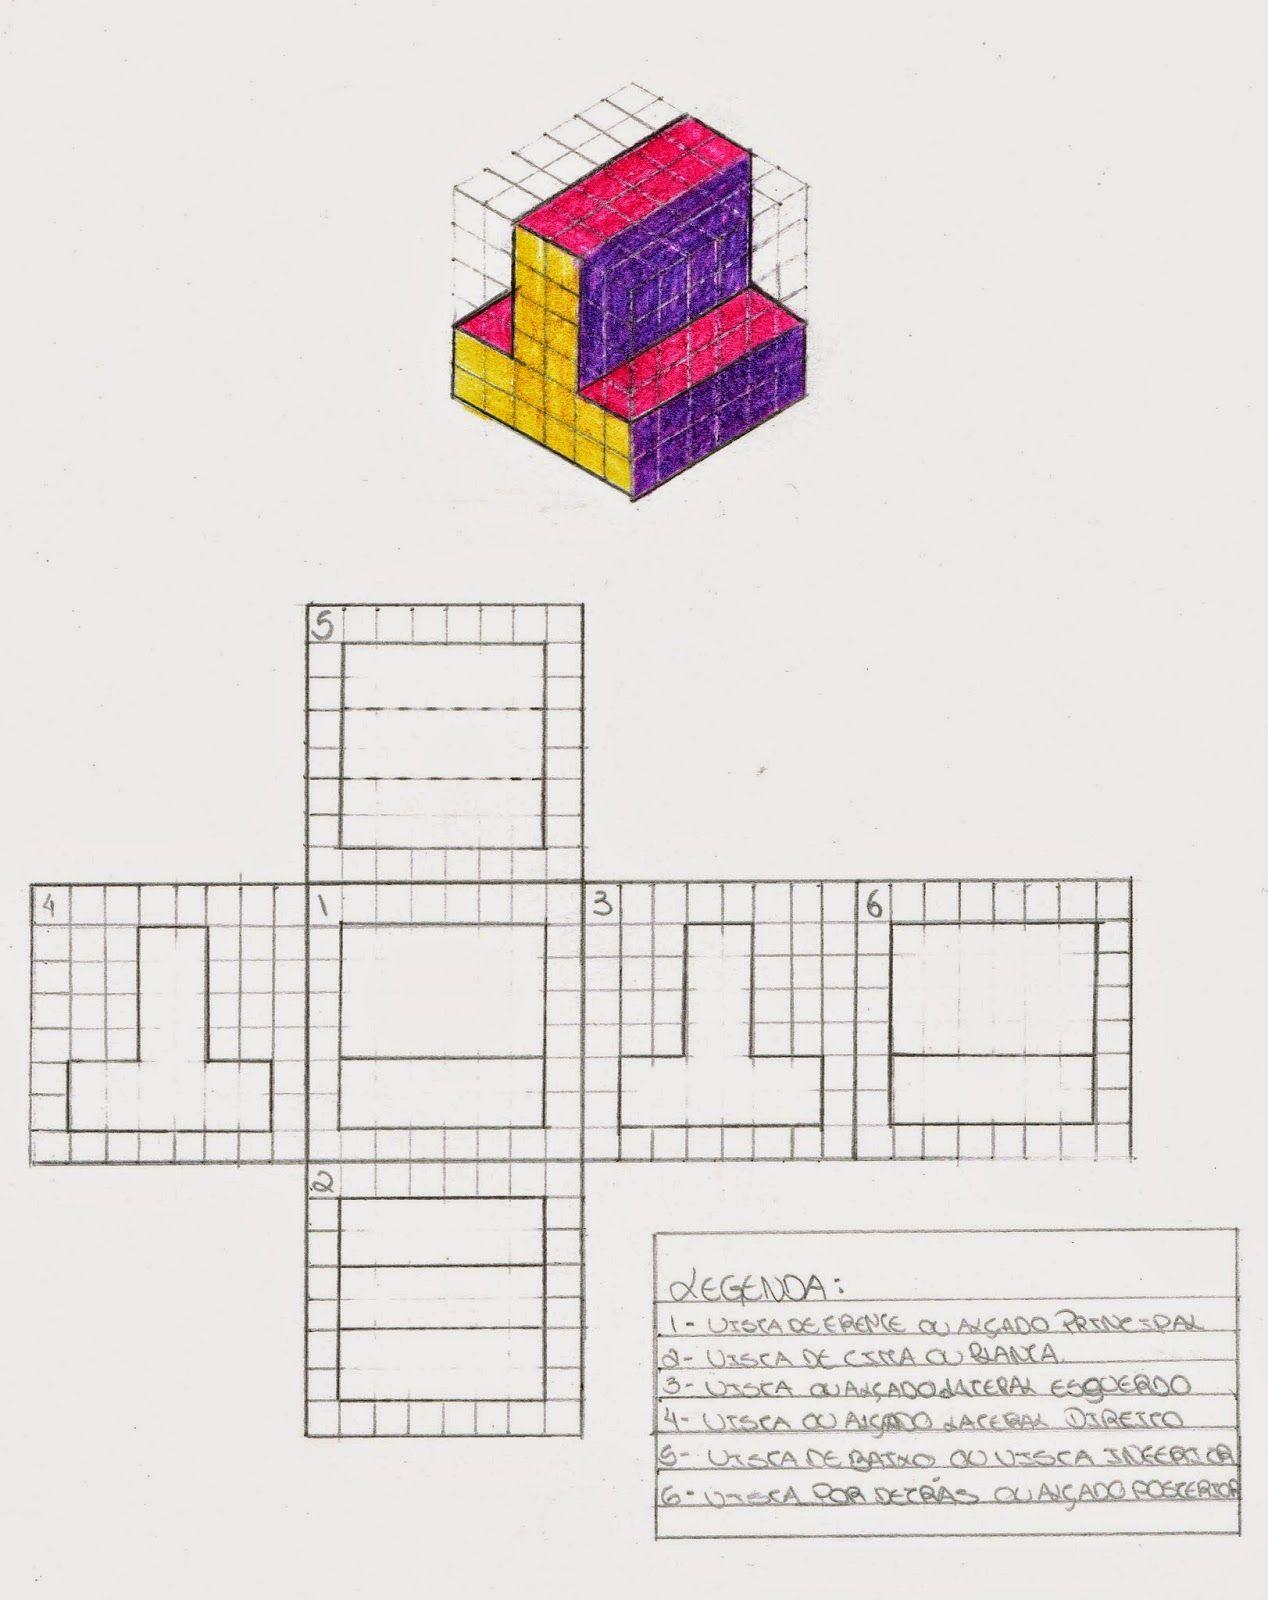 8º E Ana Carvalho Copia Jpg 1268 1600 Vistas Dibujo Tecnico Tecnicas De Dibujo Dibujo Tecnico Ejercicios